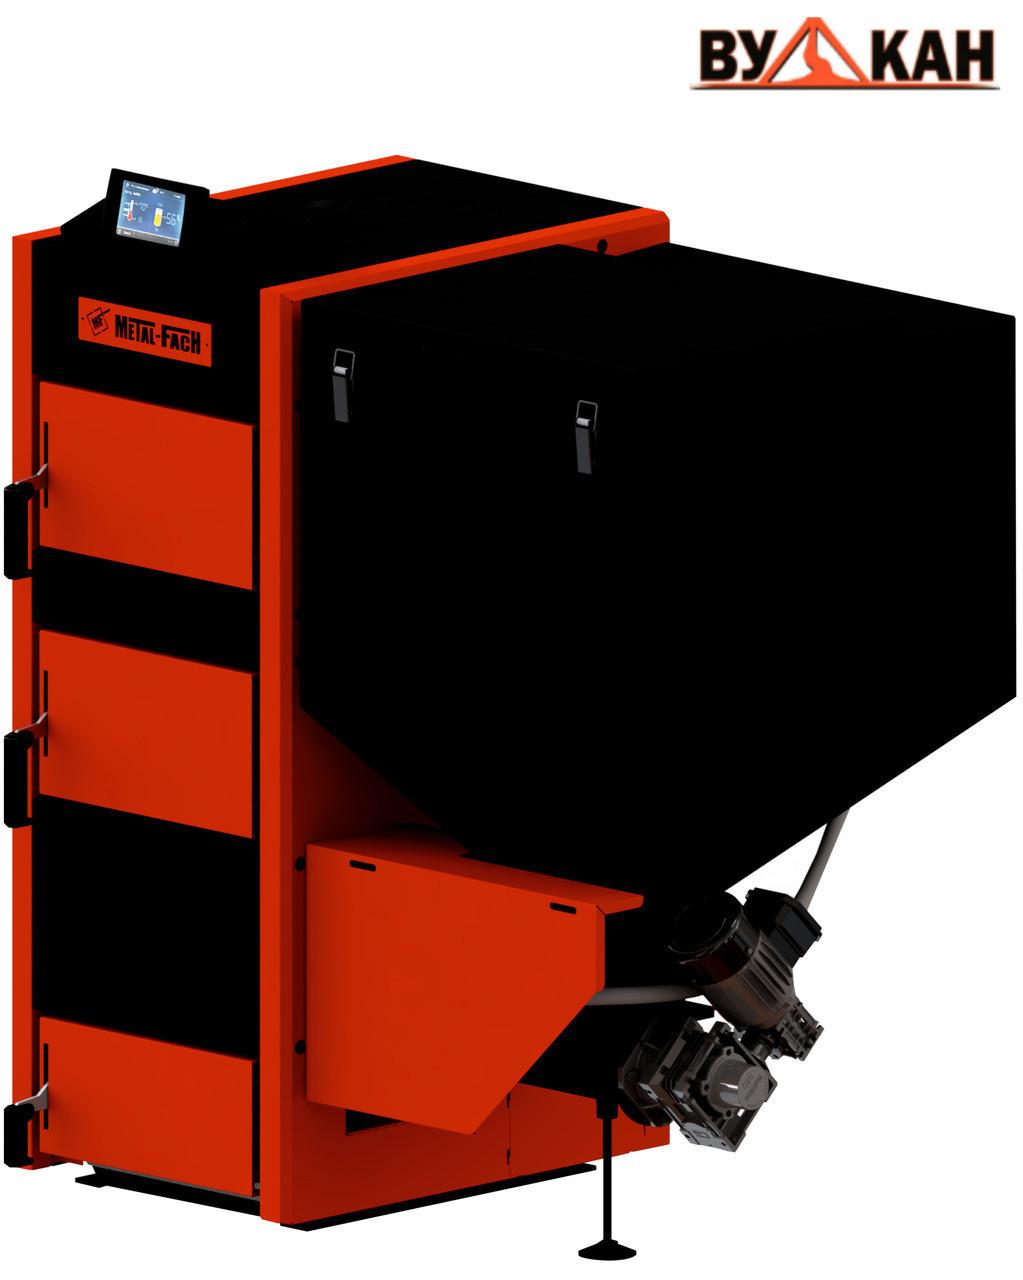 Автоматический котел Metal-Fach SEG 150 кВт с правой подачей